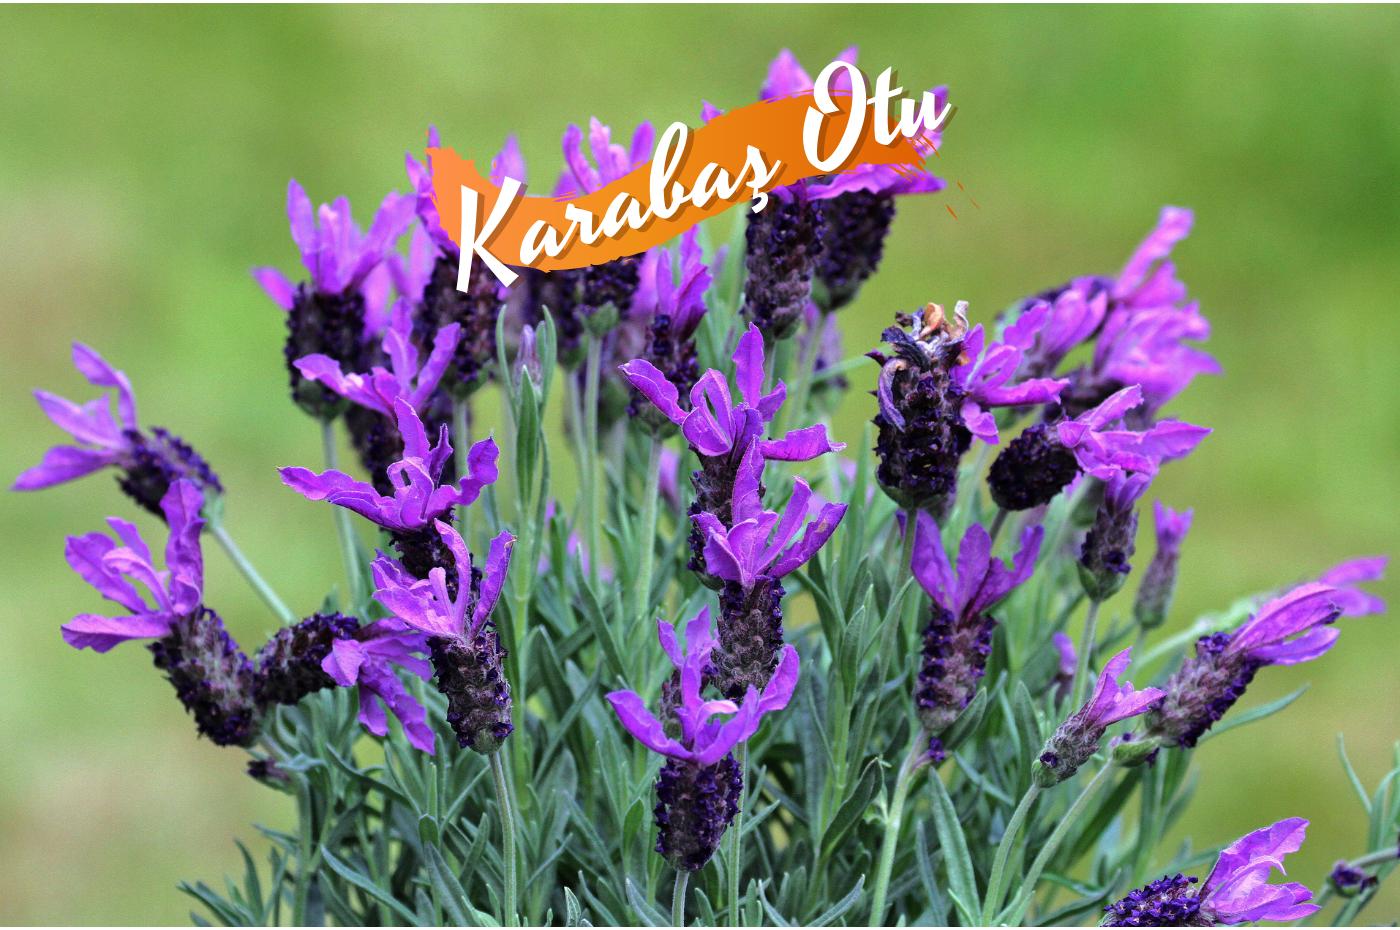 Karabaş otu nedir? karabaş otunun faydaları nelerdir? Karabaş otu kürü, Karabaş çayı nasıl demlenir? geleneksel tıpta yüzyıllardır kullanılan bir bitkidir.